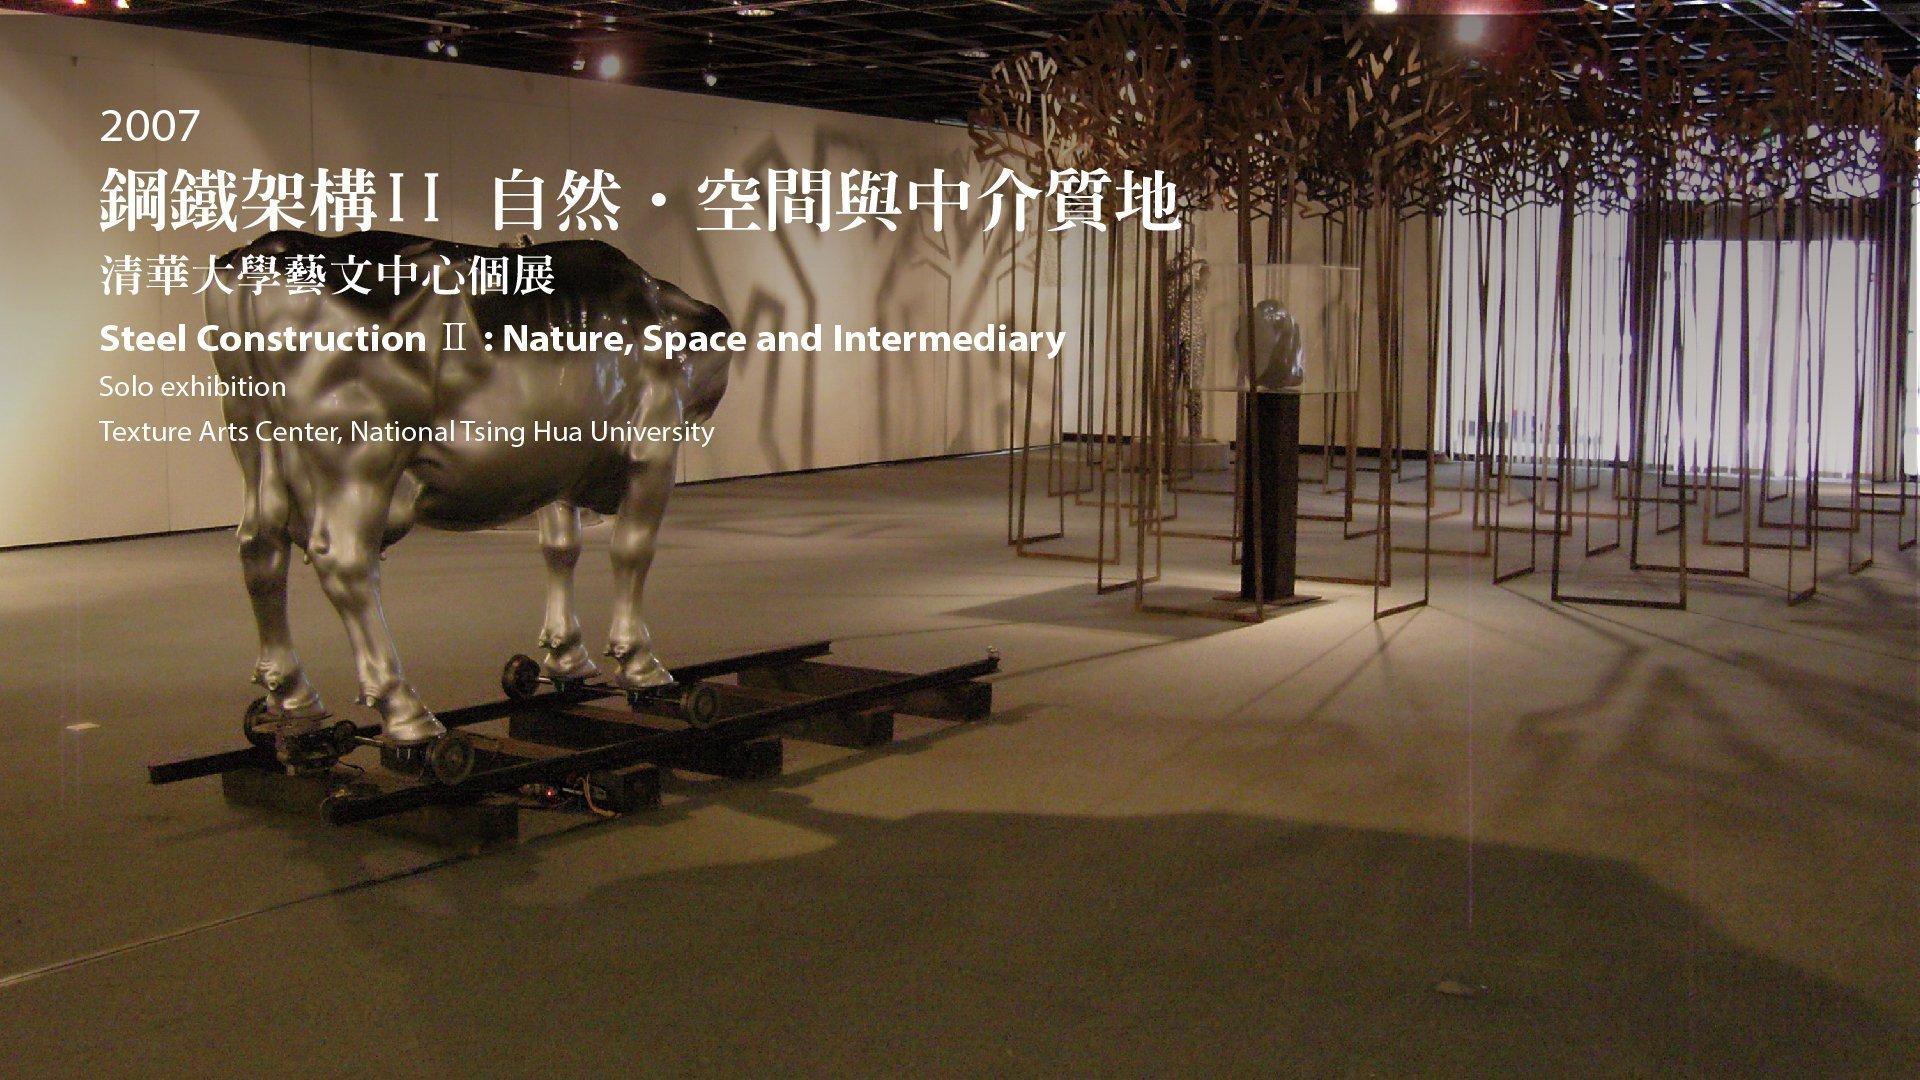 2007 鋼鐵架構II 自然‧空間與中介質地 -